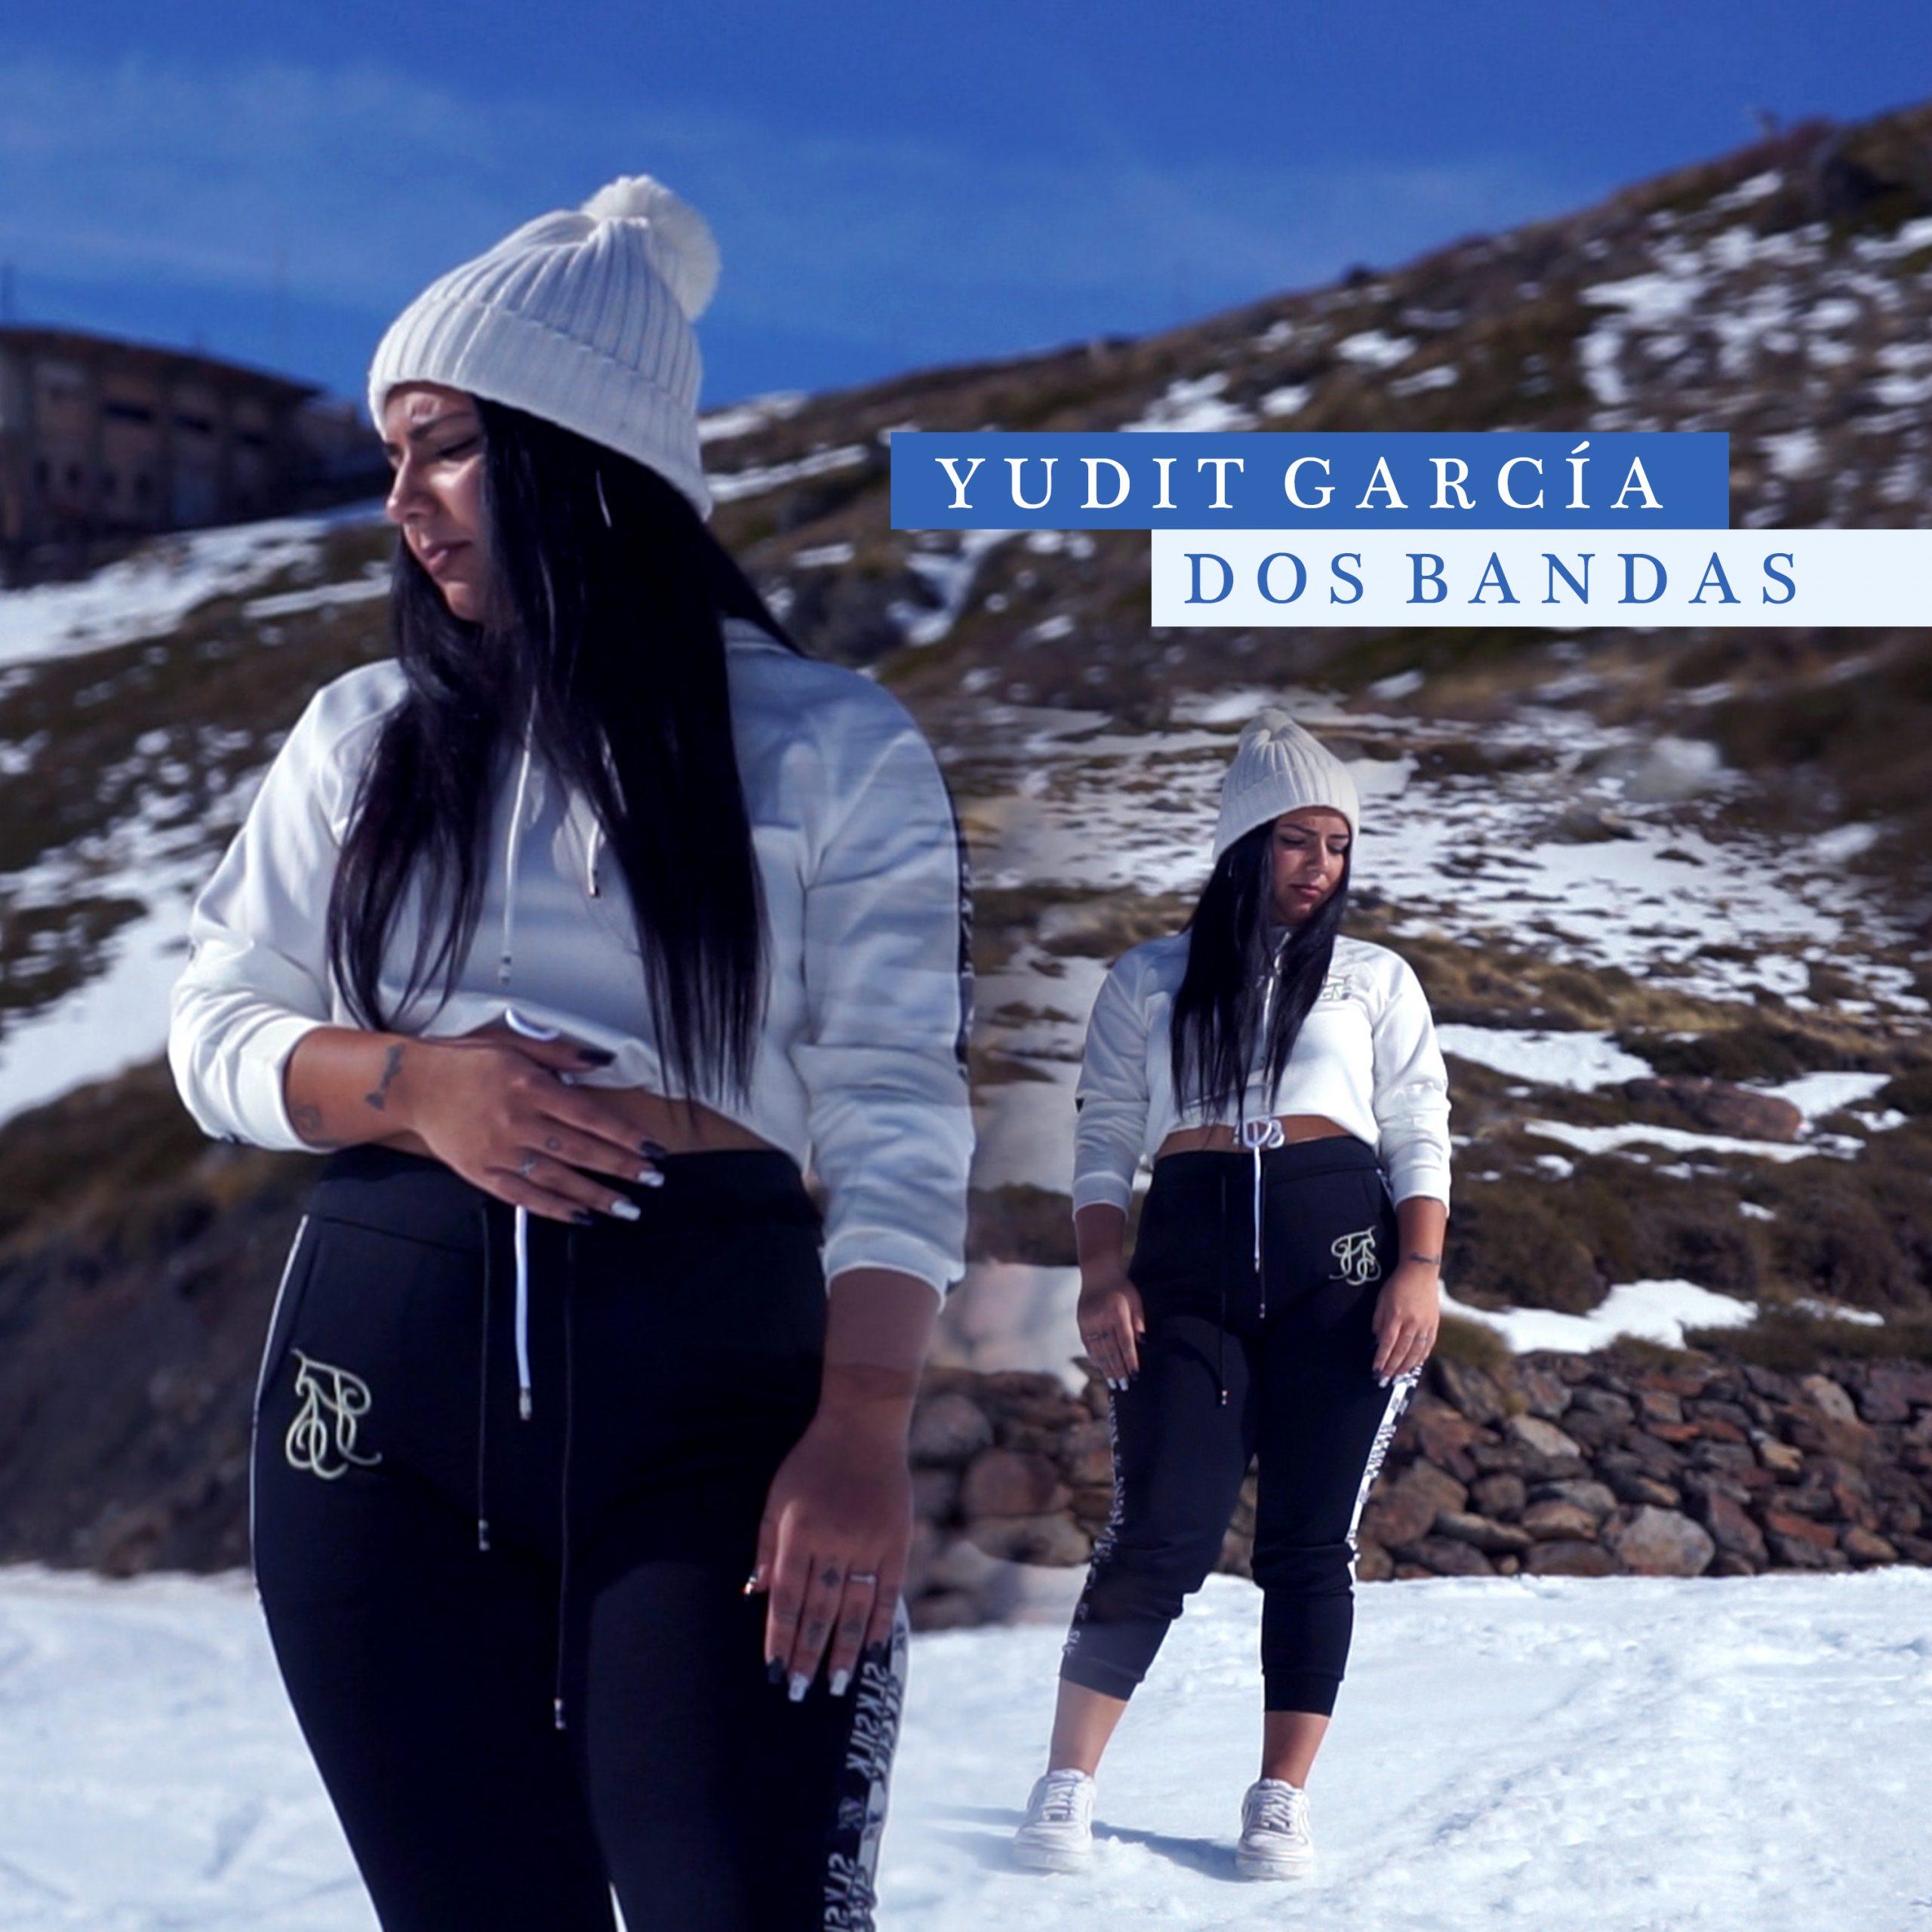 Yudit García - Dos bandas